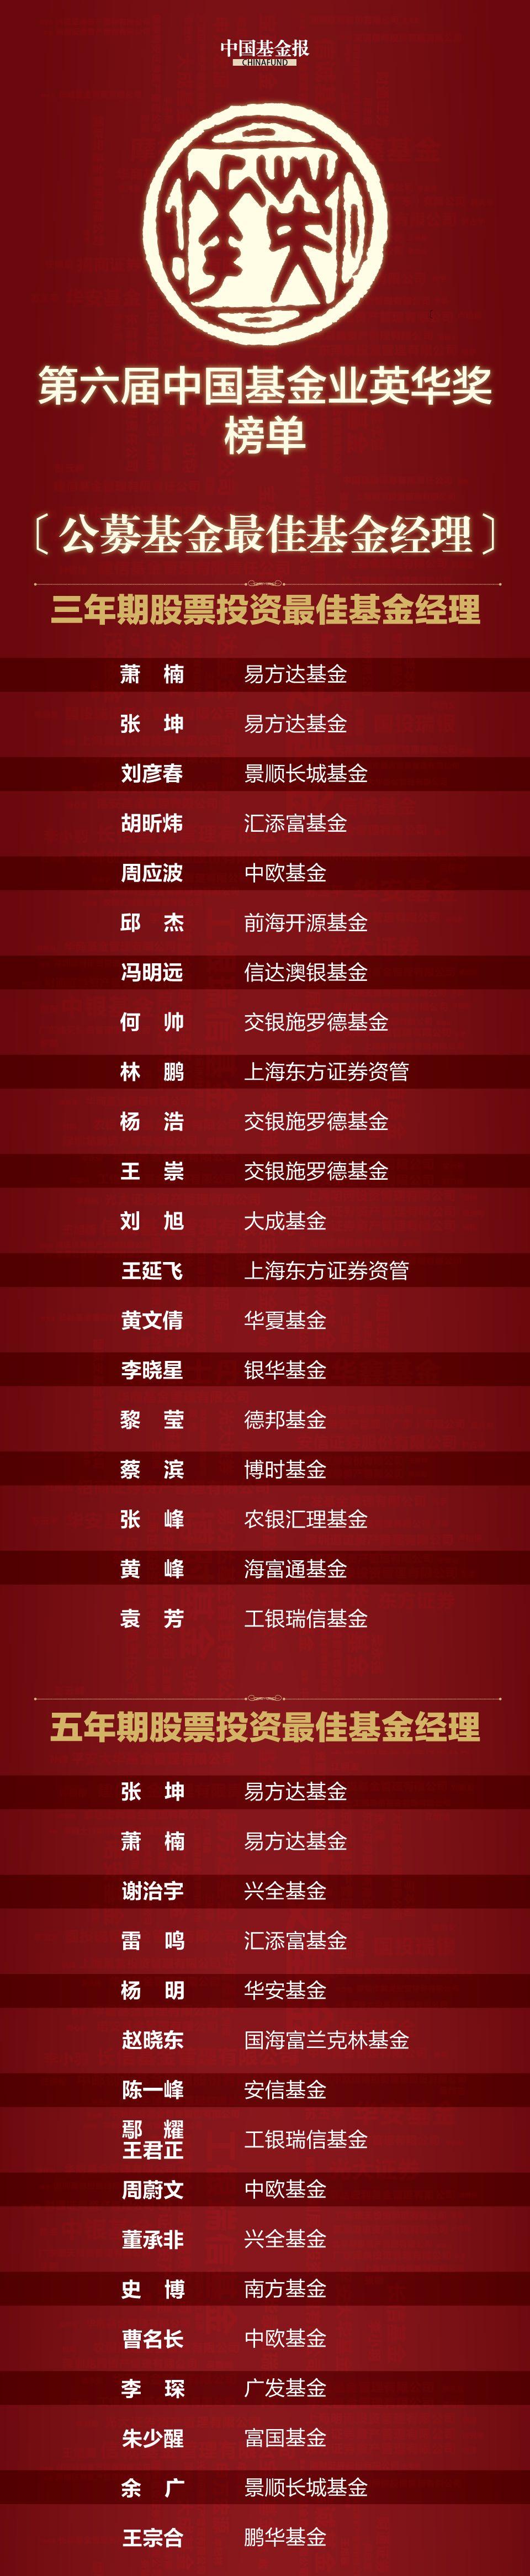 买基金就是选基金经理!最牛基金经理在此:第六届中国基金业英华奖榜单!